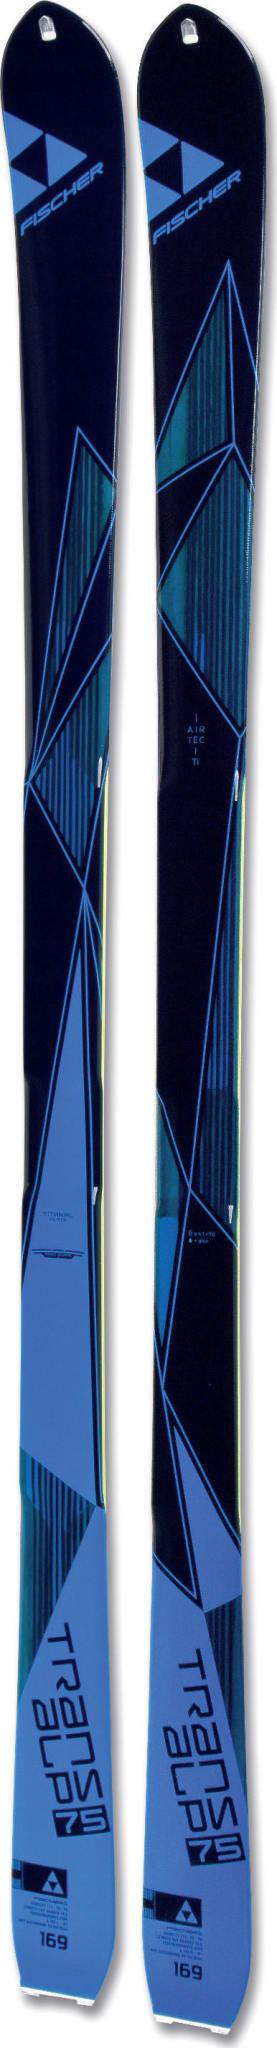 Lett og stabil ski for lange turer